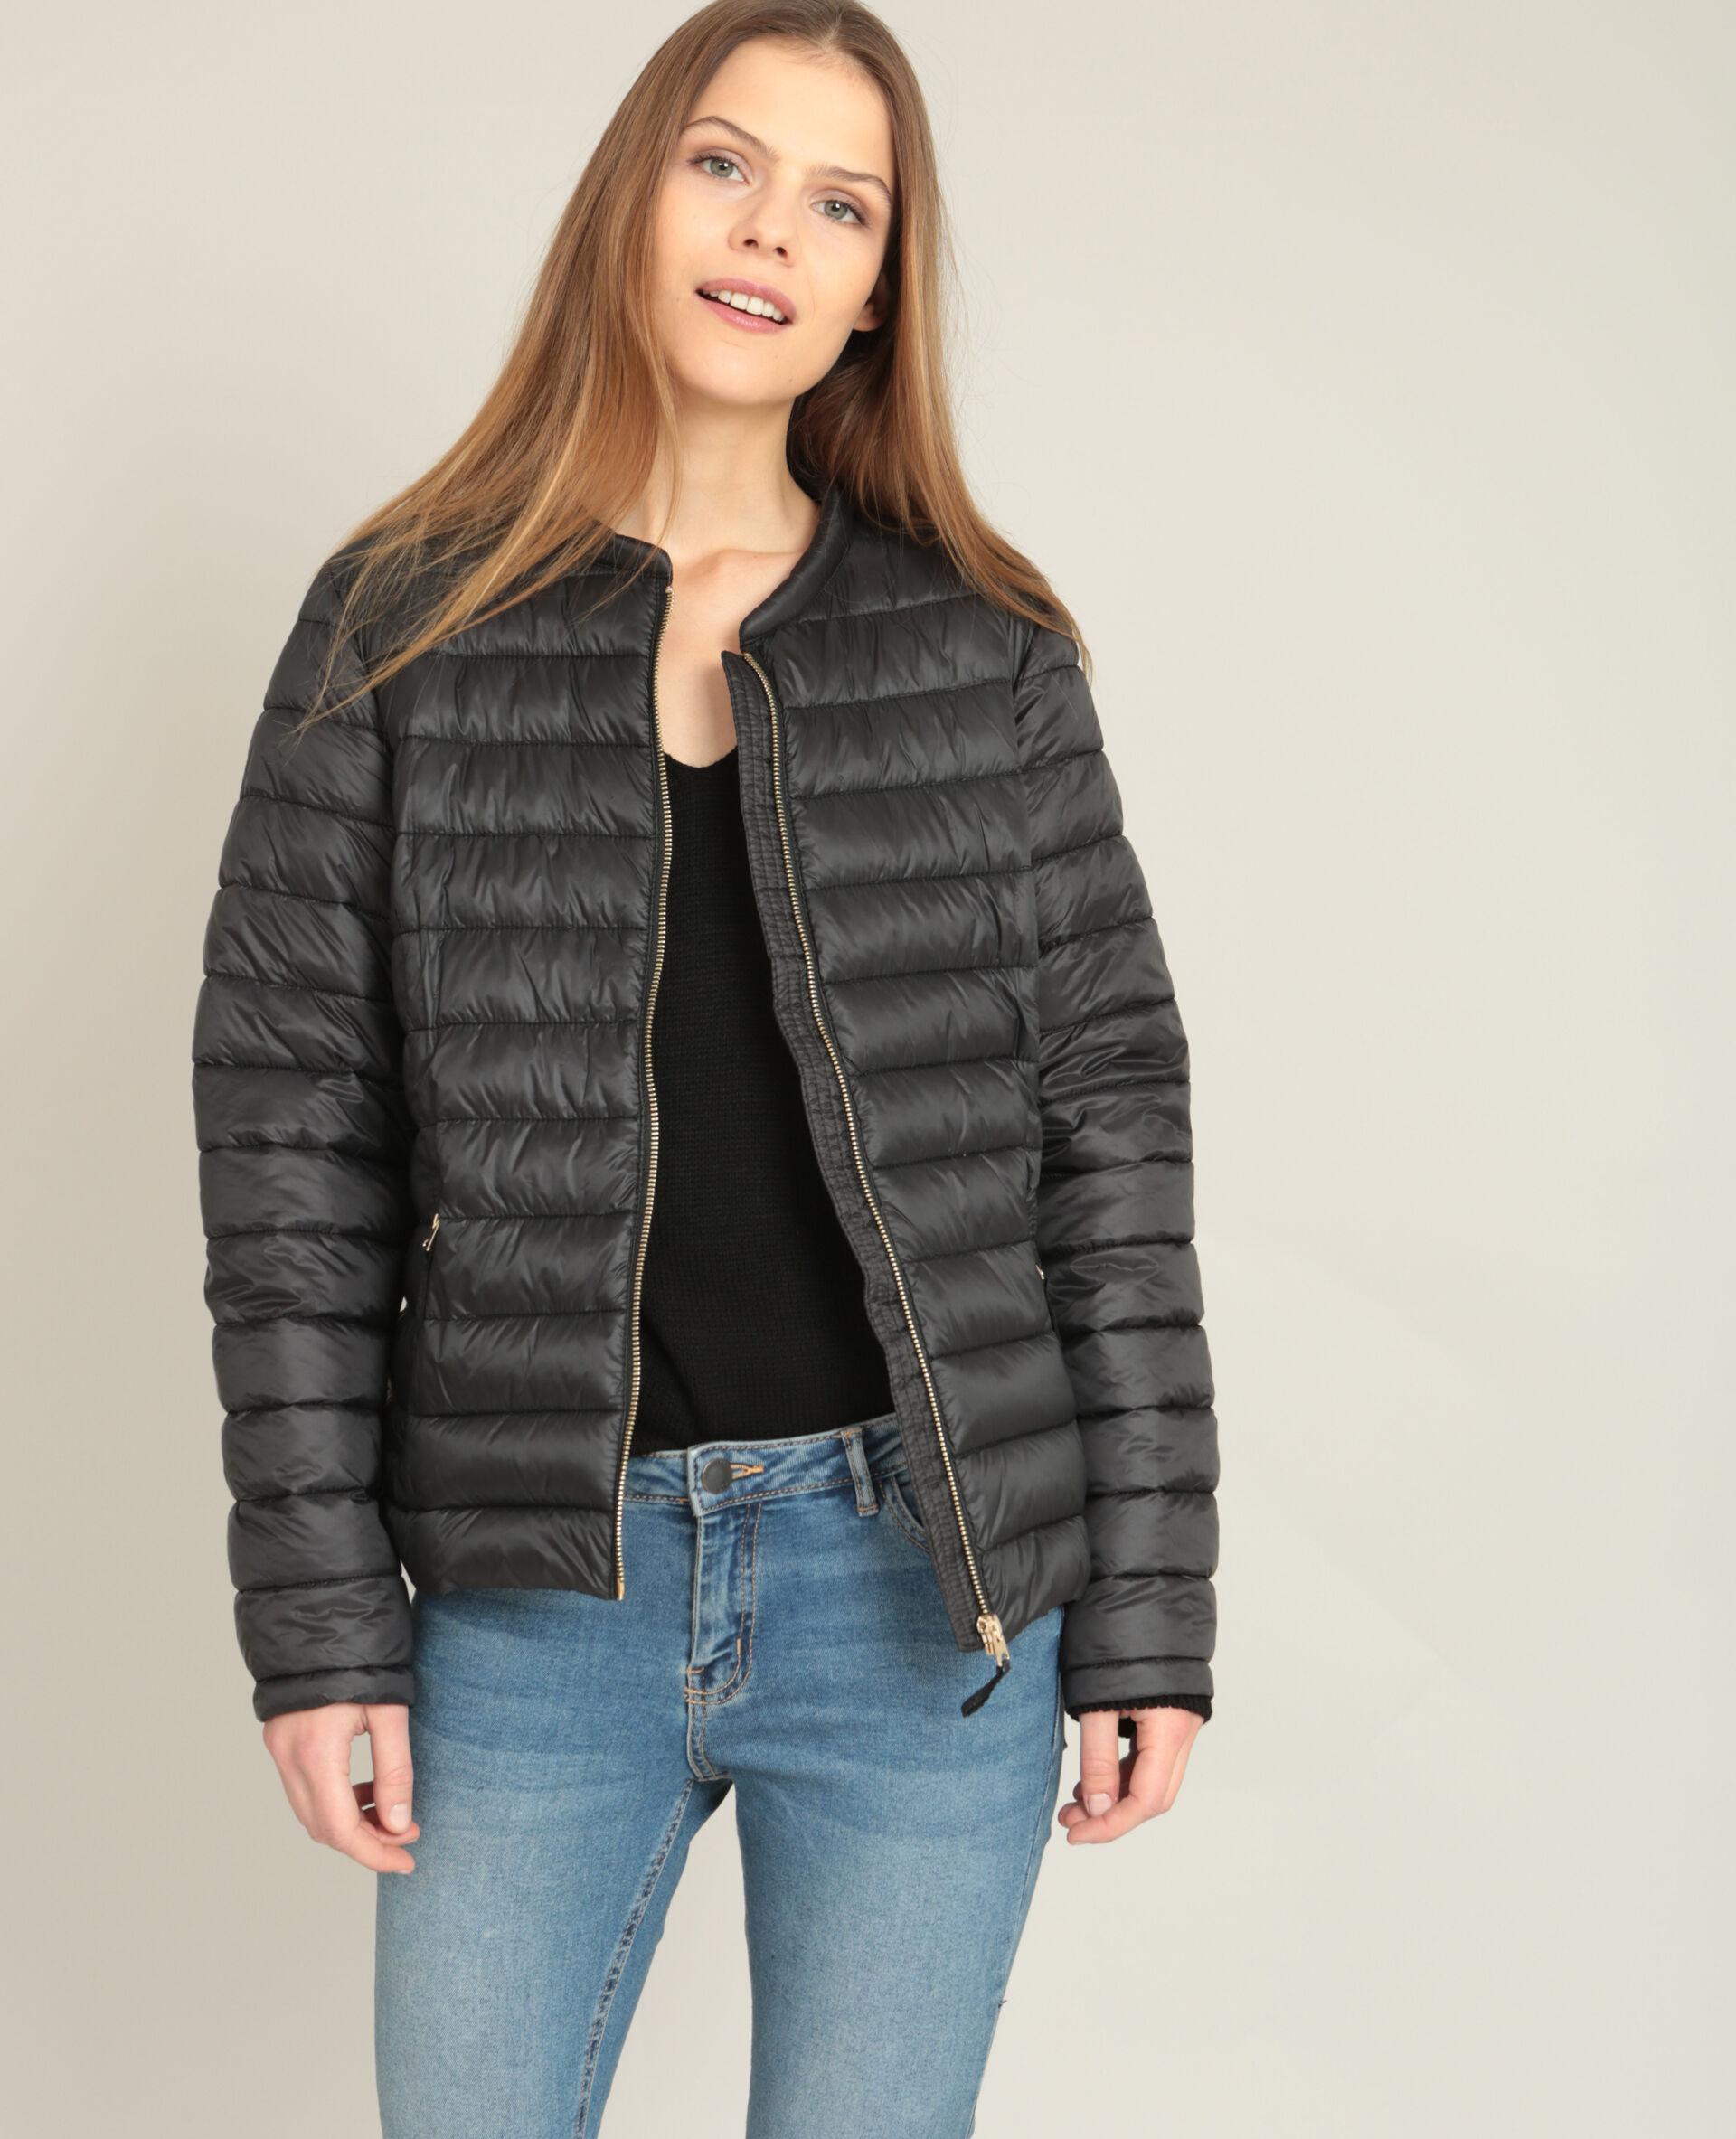 Manteau ample noir femme